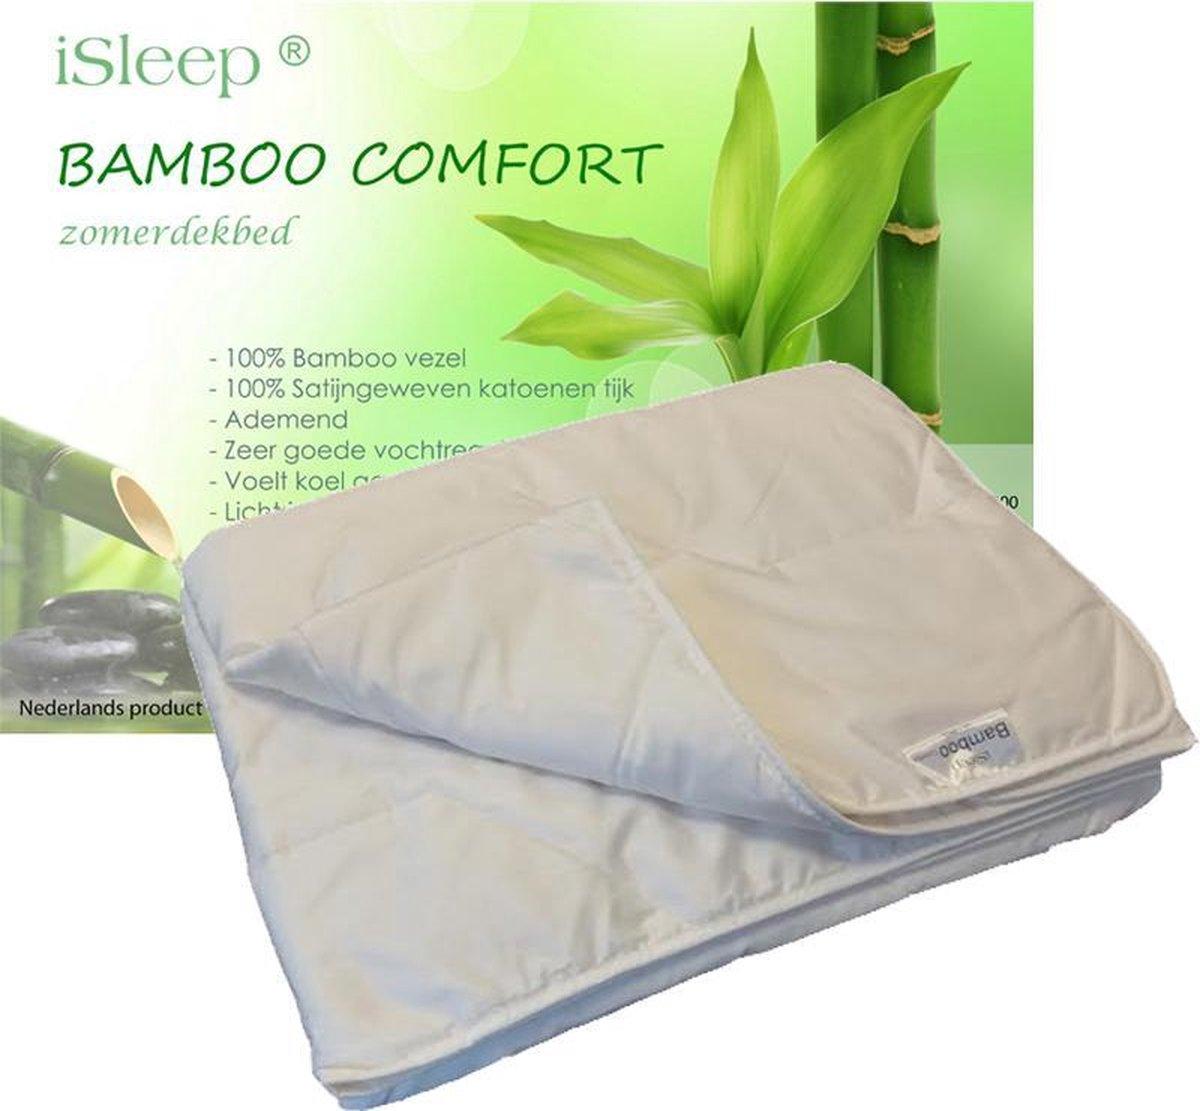 iSleep Zomerdekbed Bamboo Comfort - Litsjumeaux - 240x220 - Wit